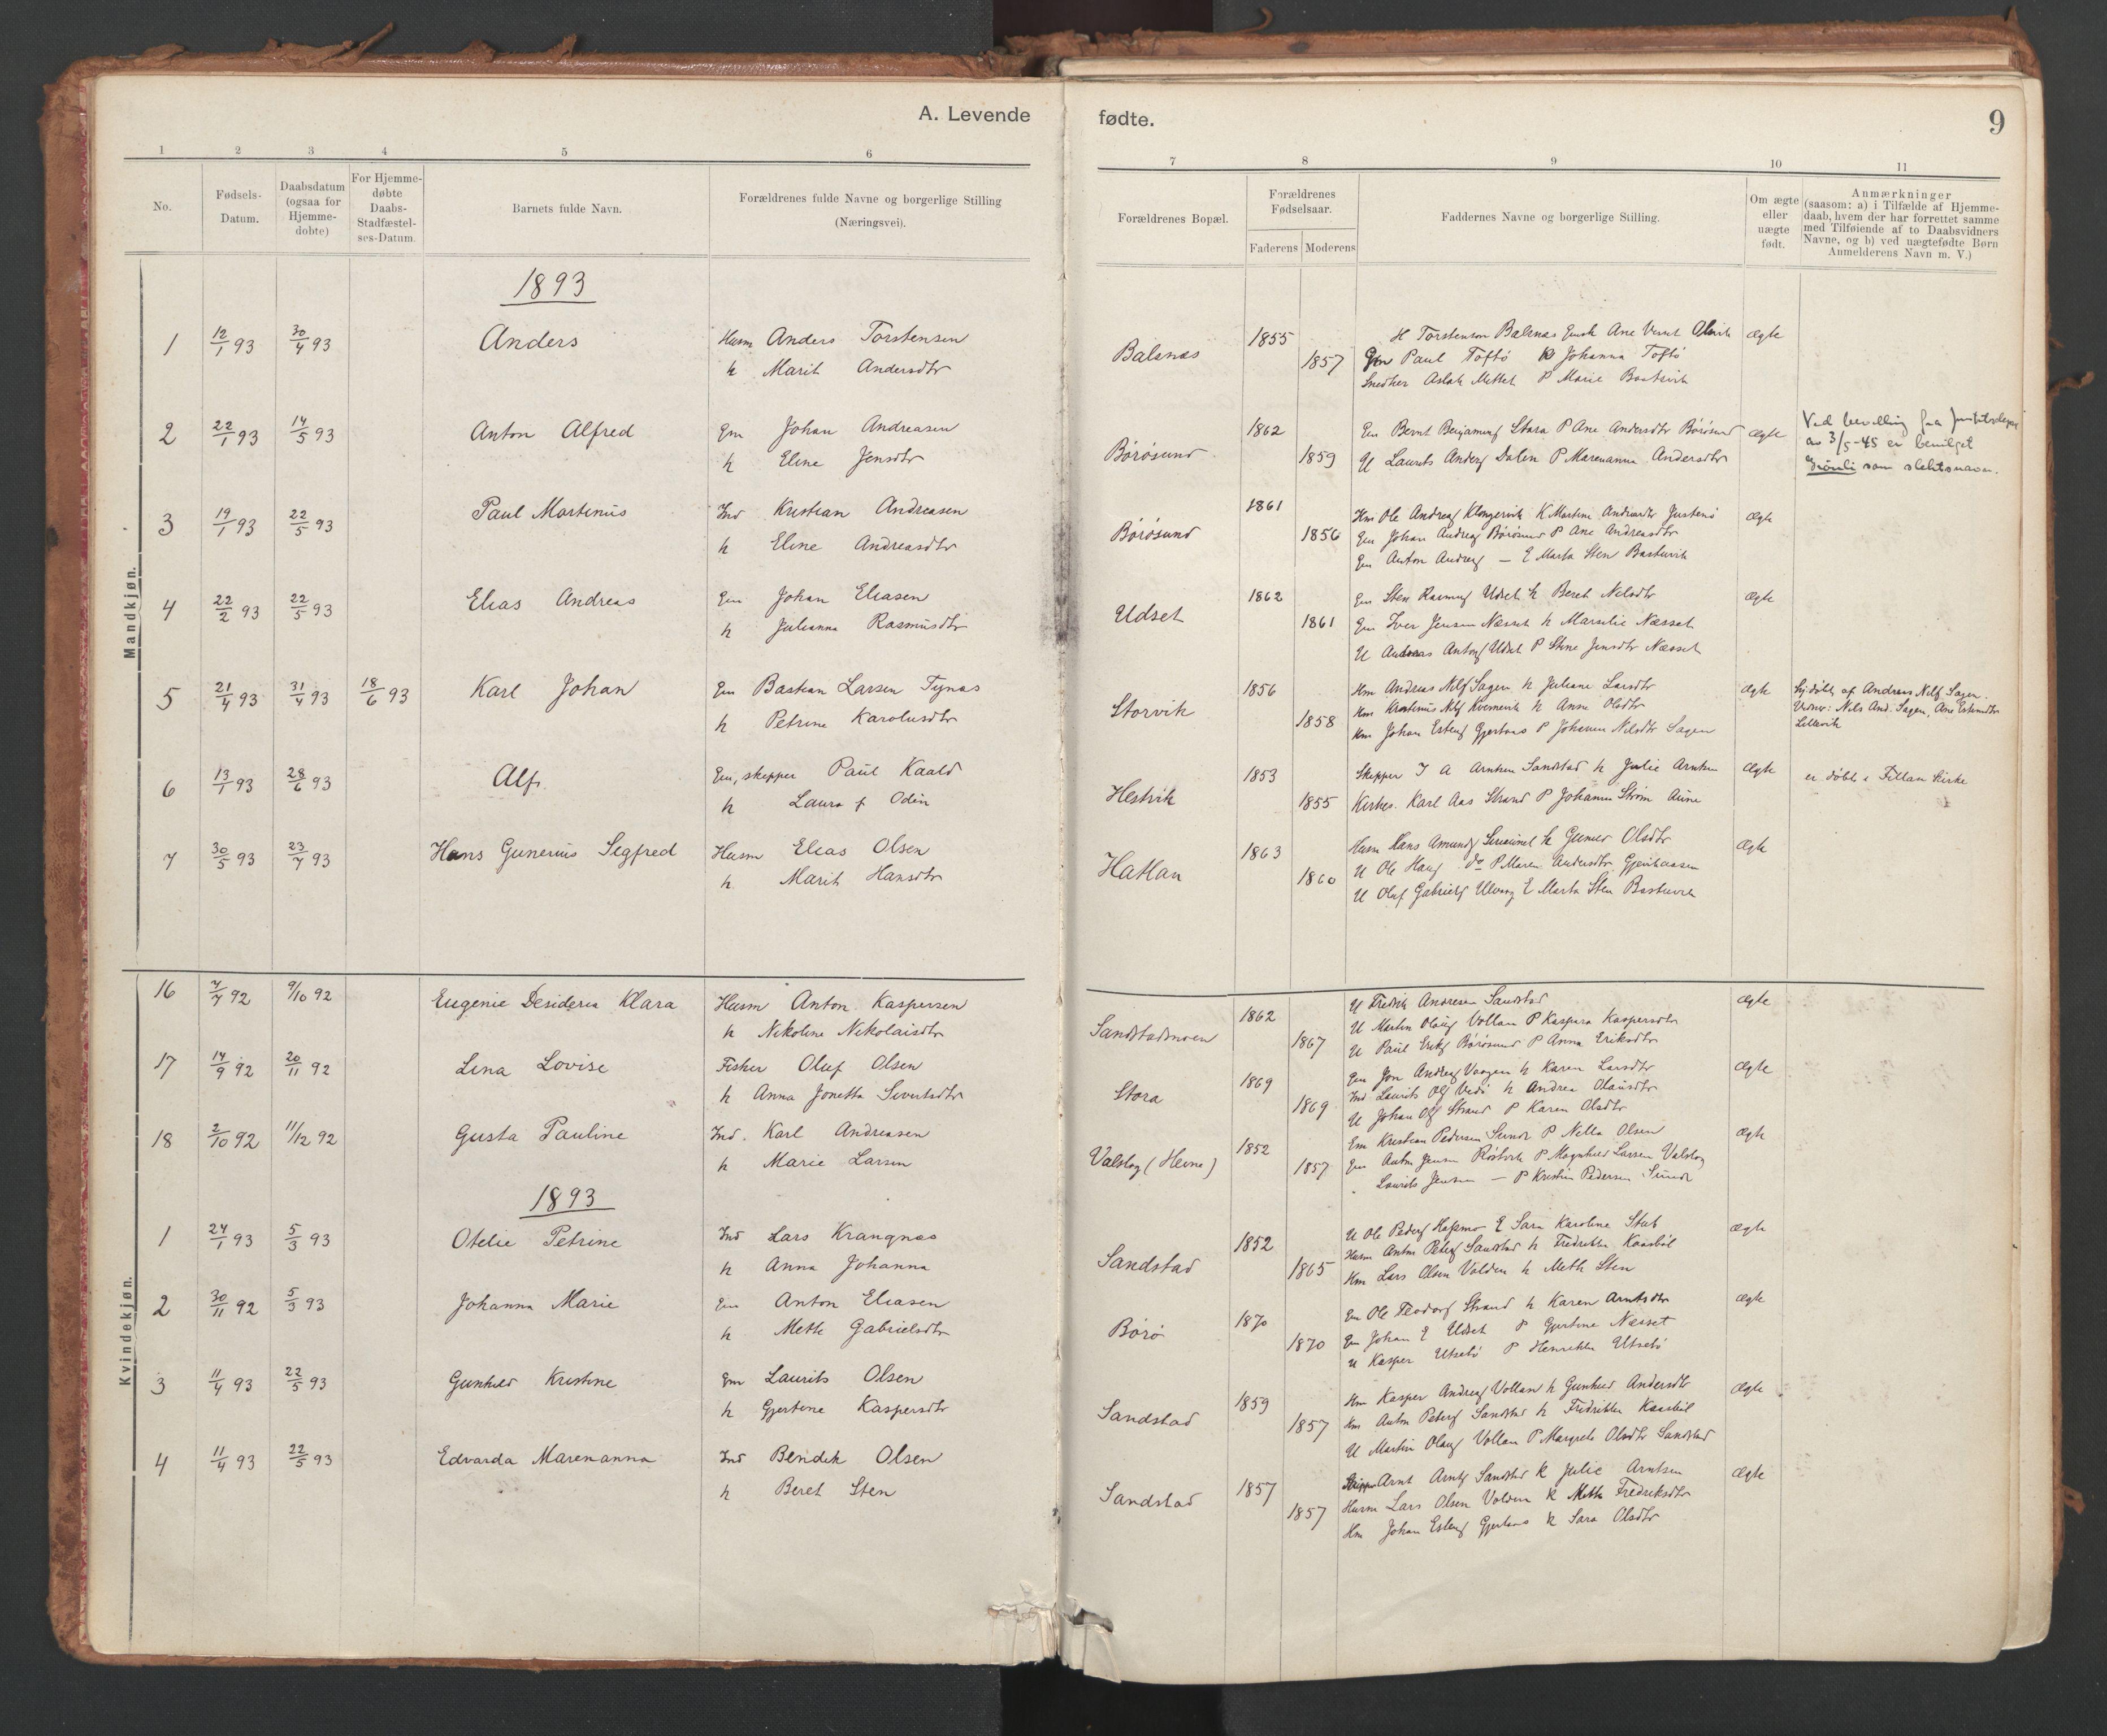 SAT, Ministerialprotokoller, klokkerbøker og fødselsregistre - Sør-Trøndelag, 639/L0572: Ministerialbok nr. 639A01, 1890-1920, s. 9